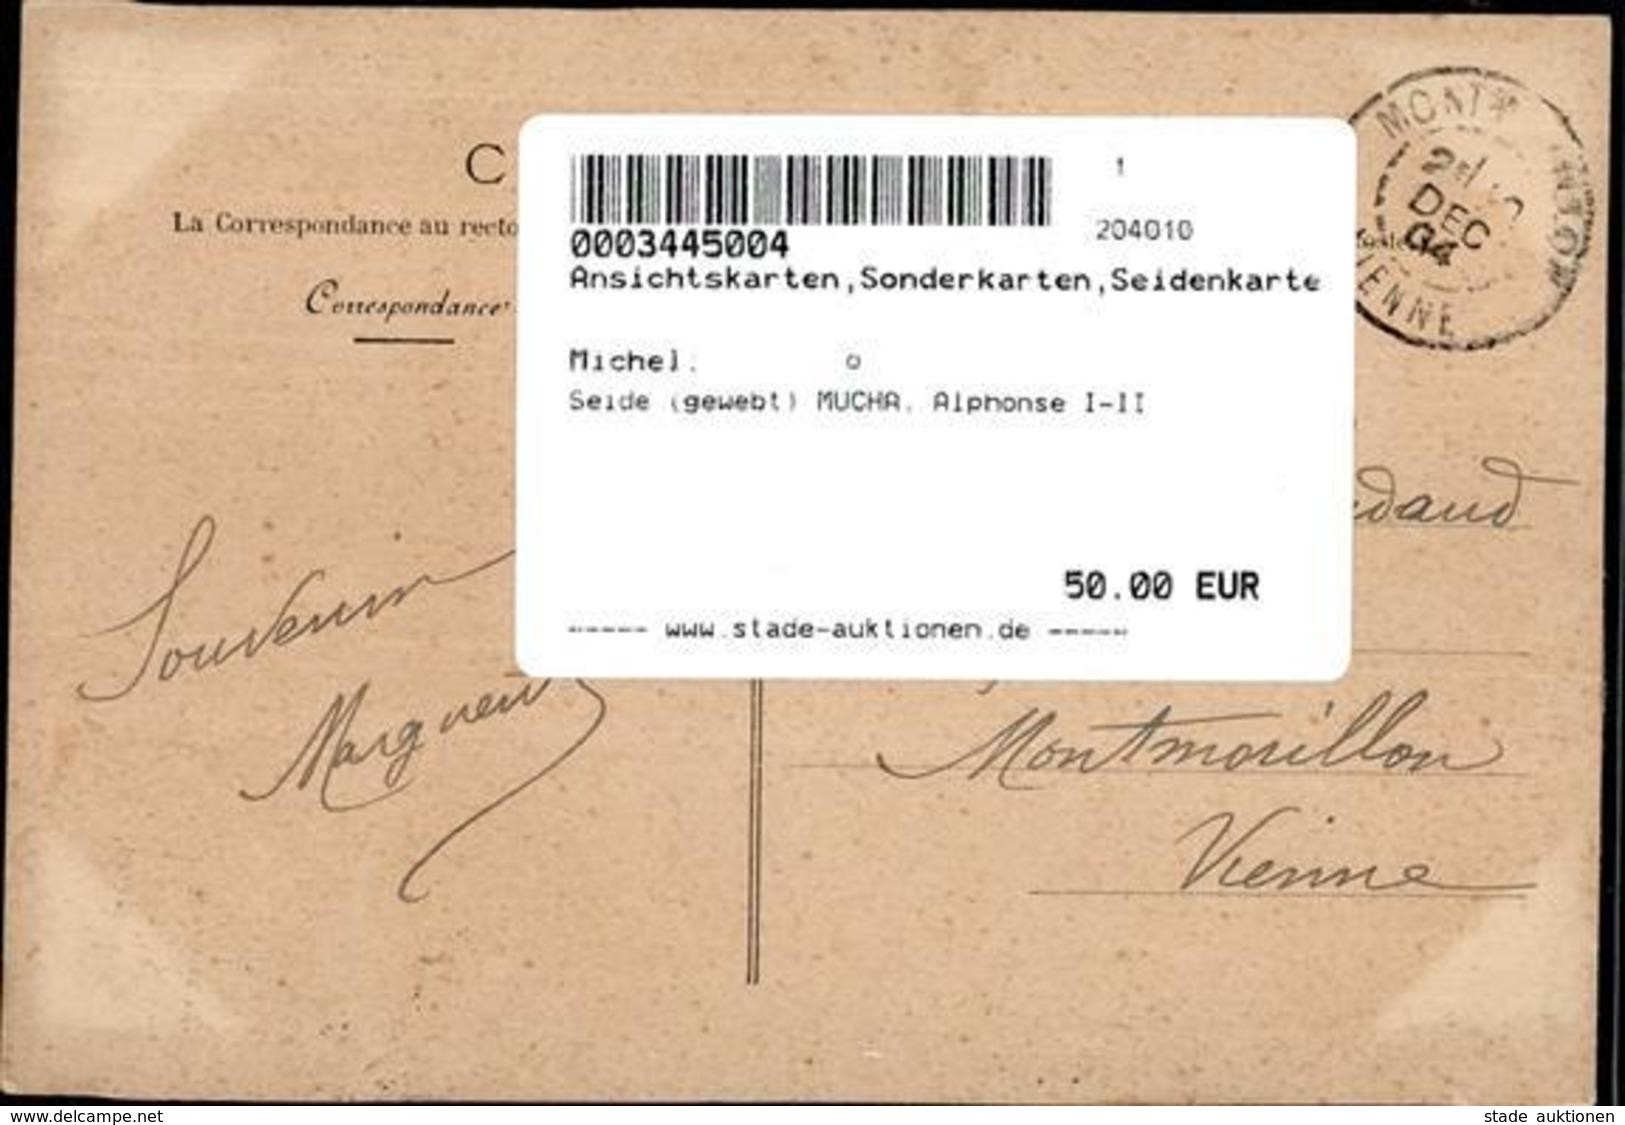 Seide (gewebt) MUCHA, Alphonse I-II Soie - Sonstige